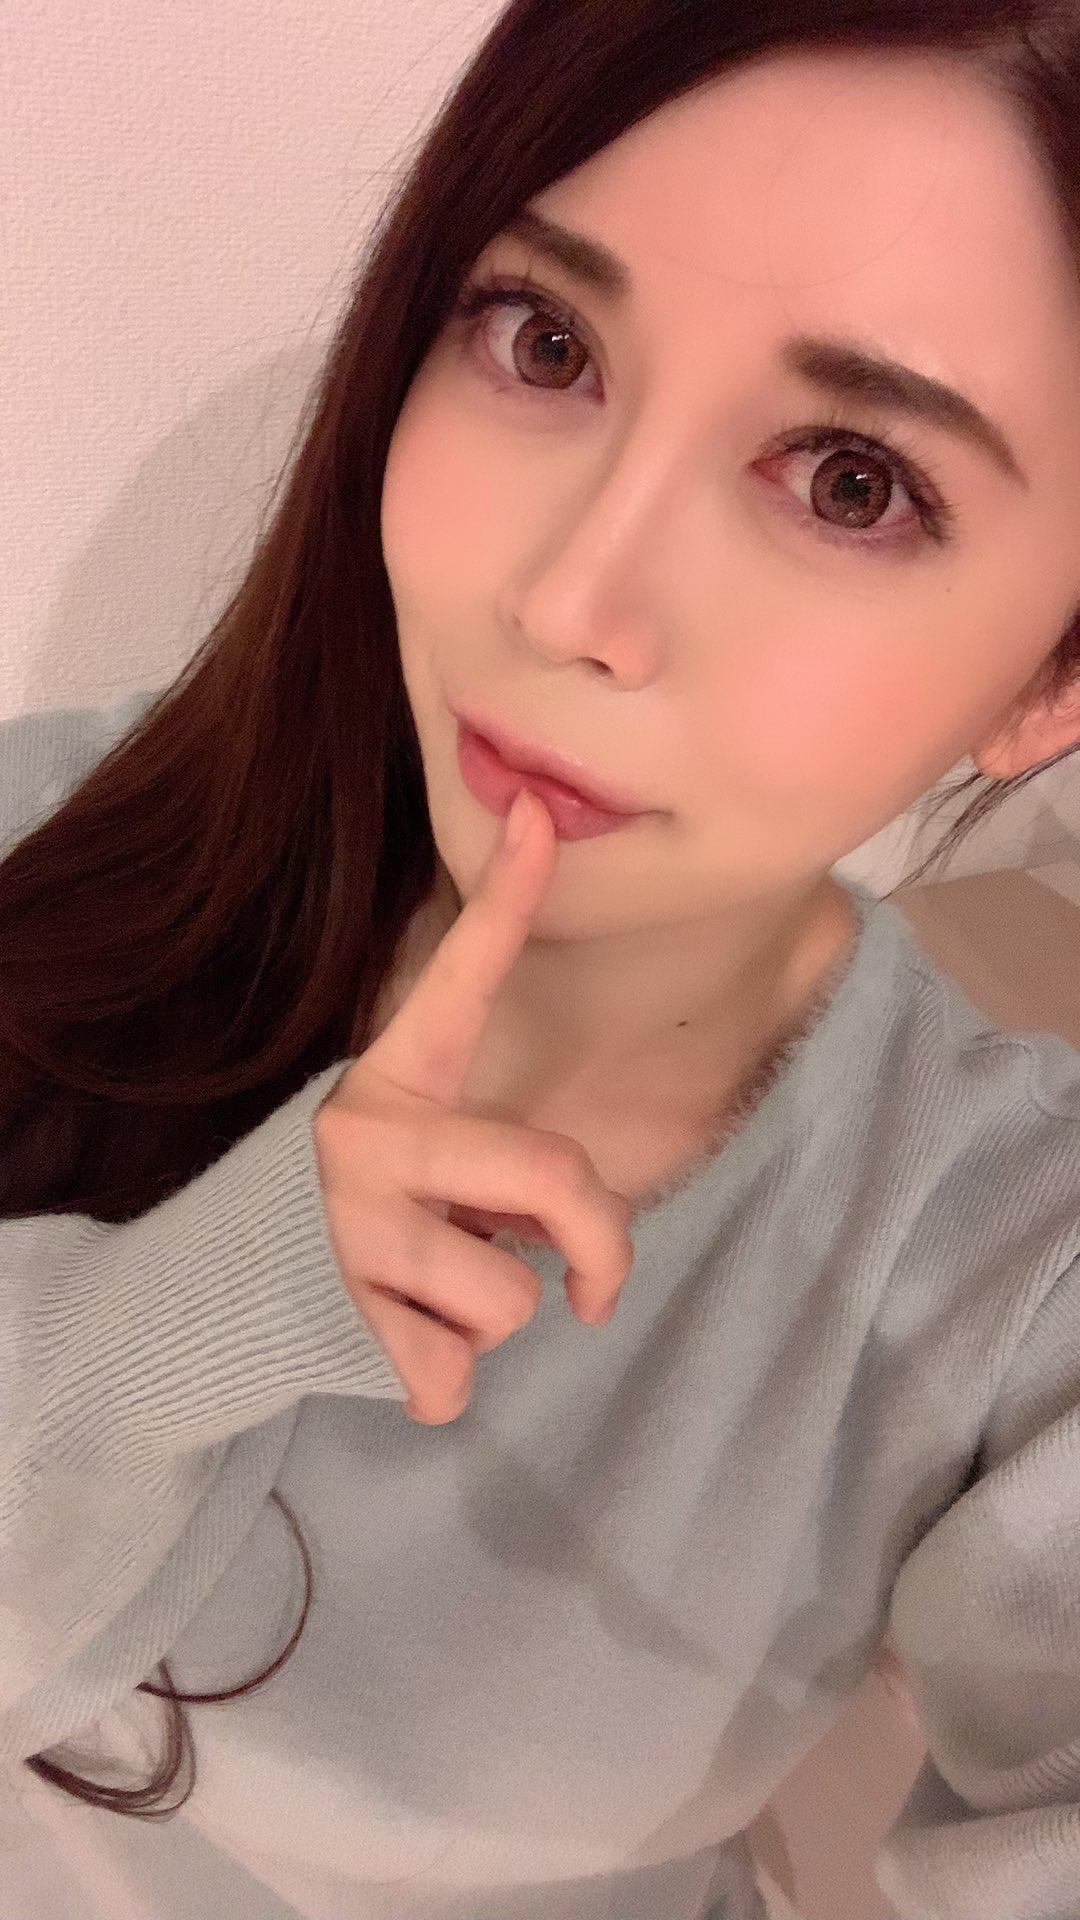 【目黒めぐみエロ画像】元伝説の泡姫だった超レア巨乳美女・目黒めぐみ!